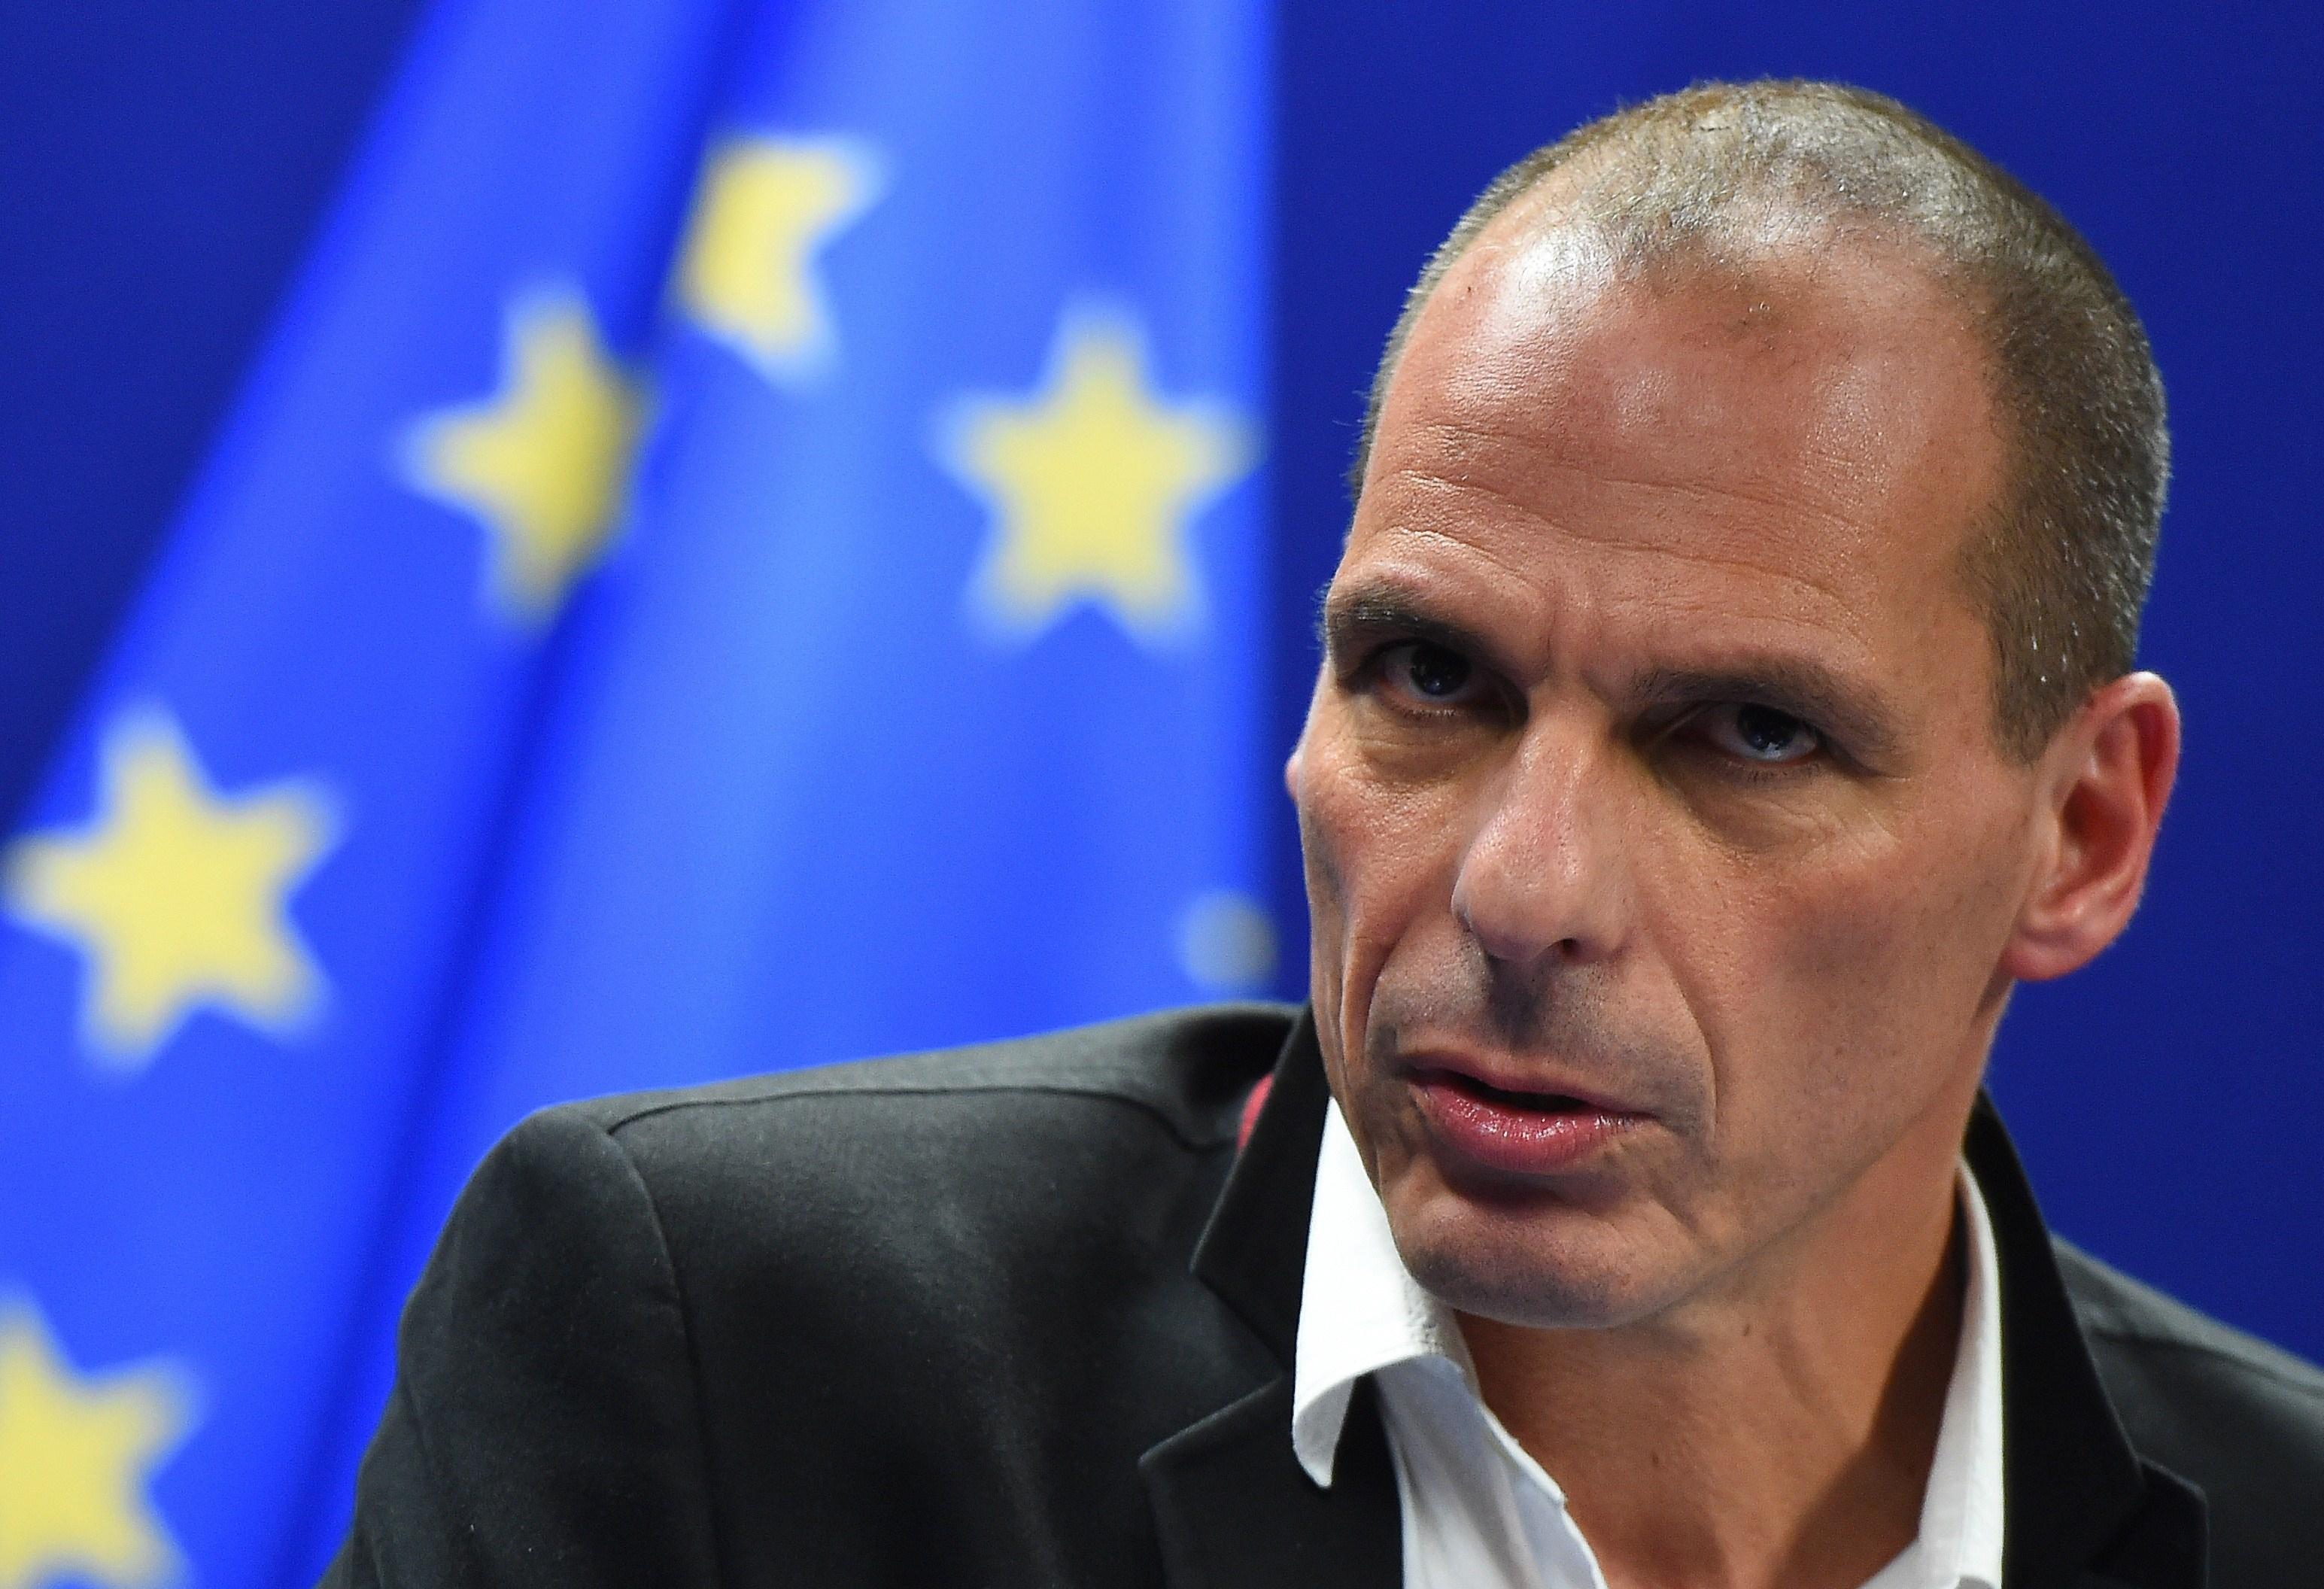 Geleaktes Schreiben: Wurde der griechische Reformplan von der EU-Kommission verfasst?